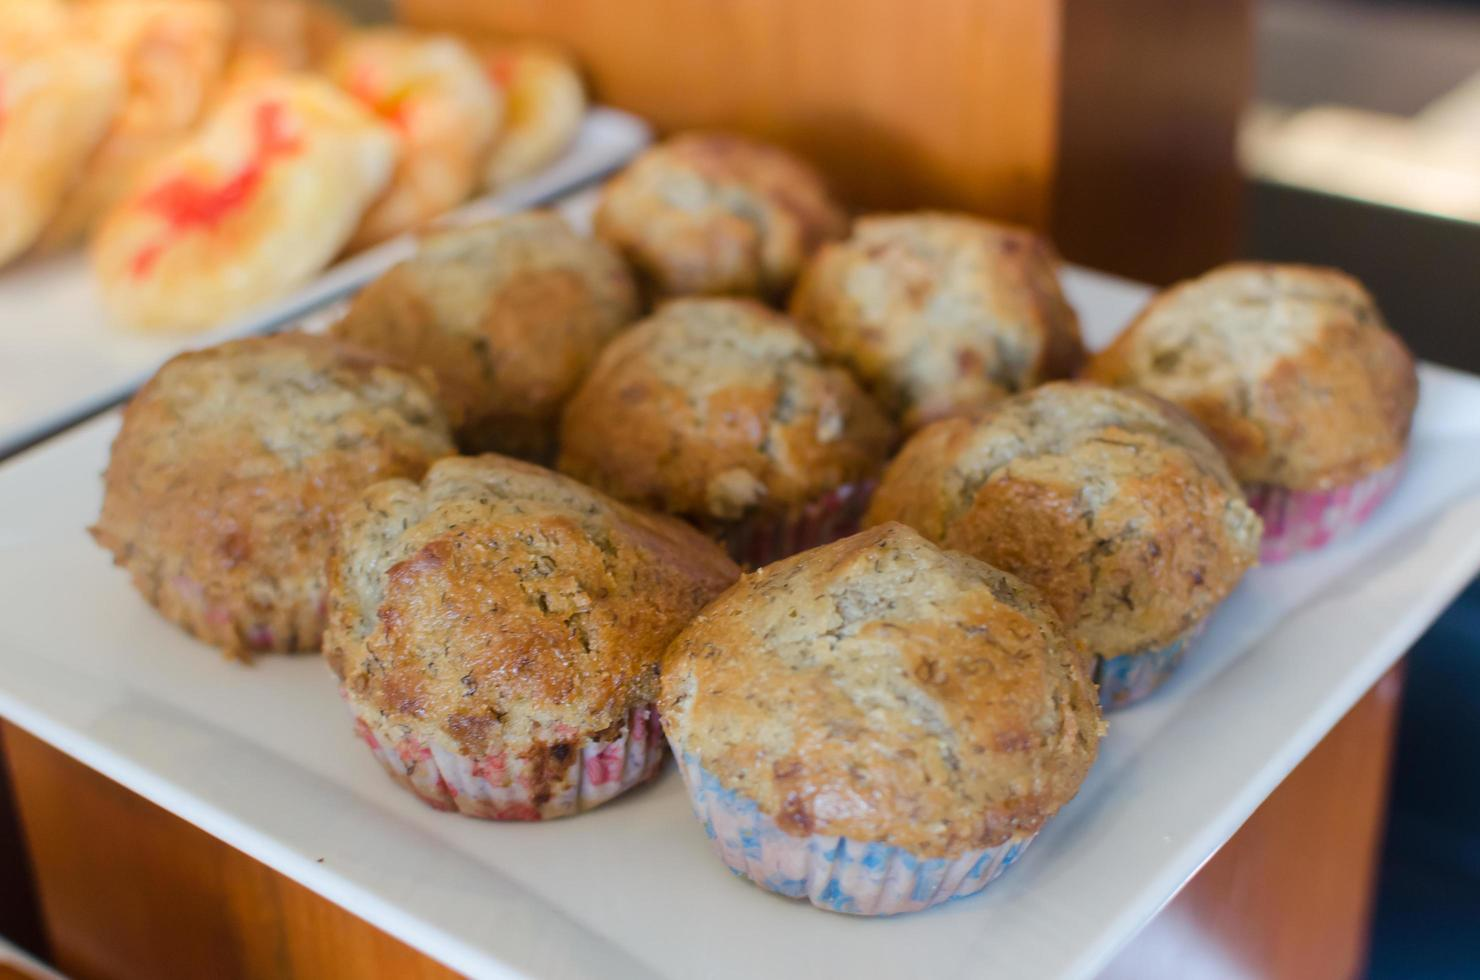 muffins de plátano en un plato foto